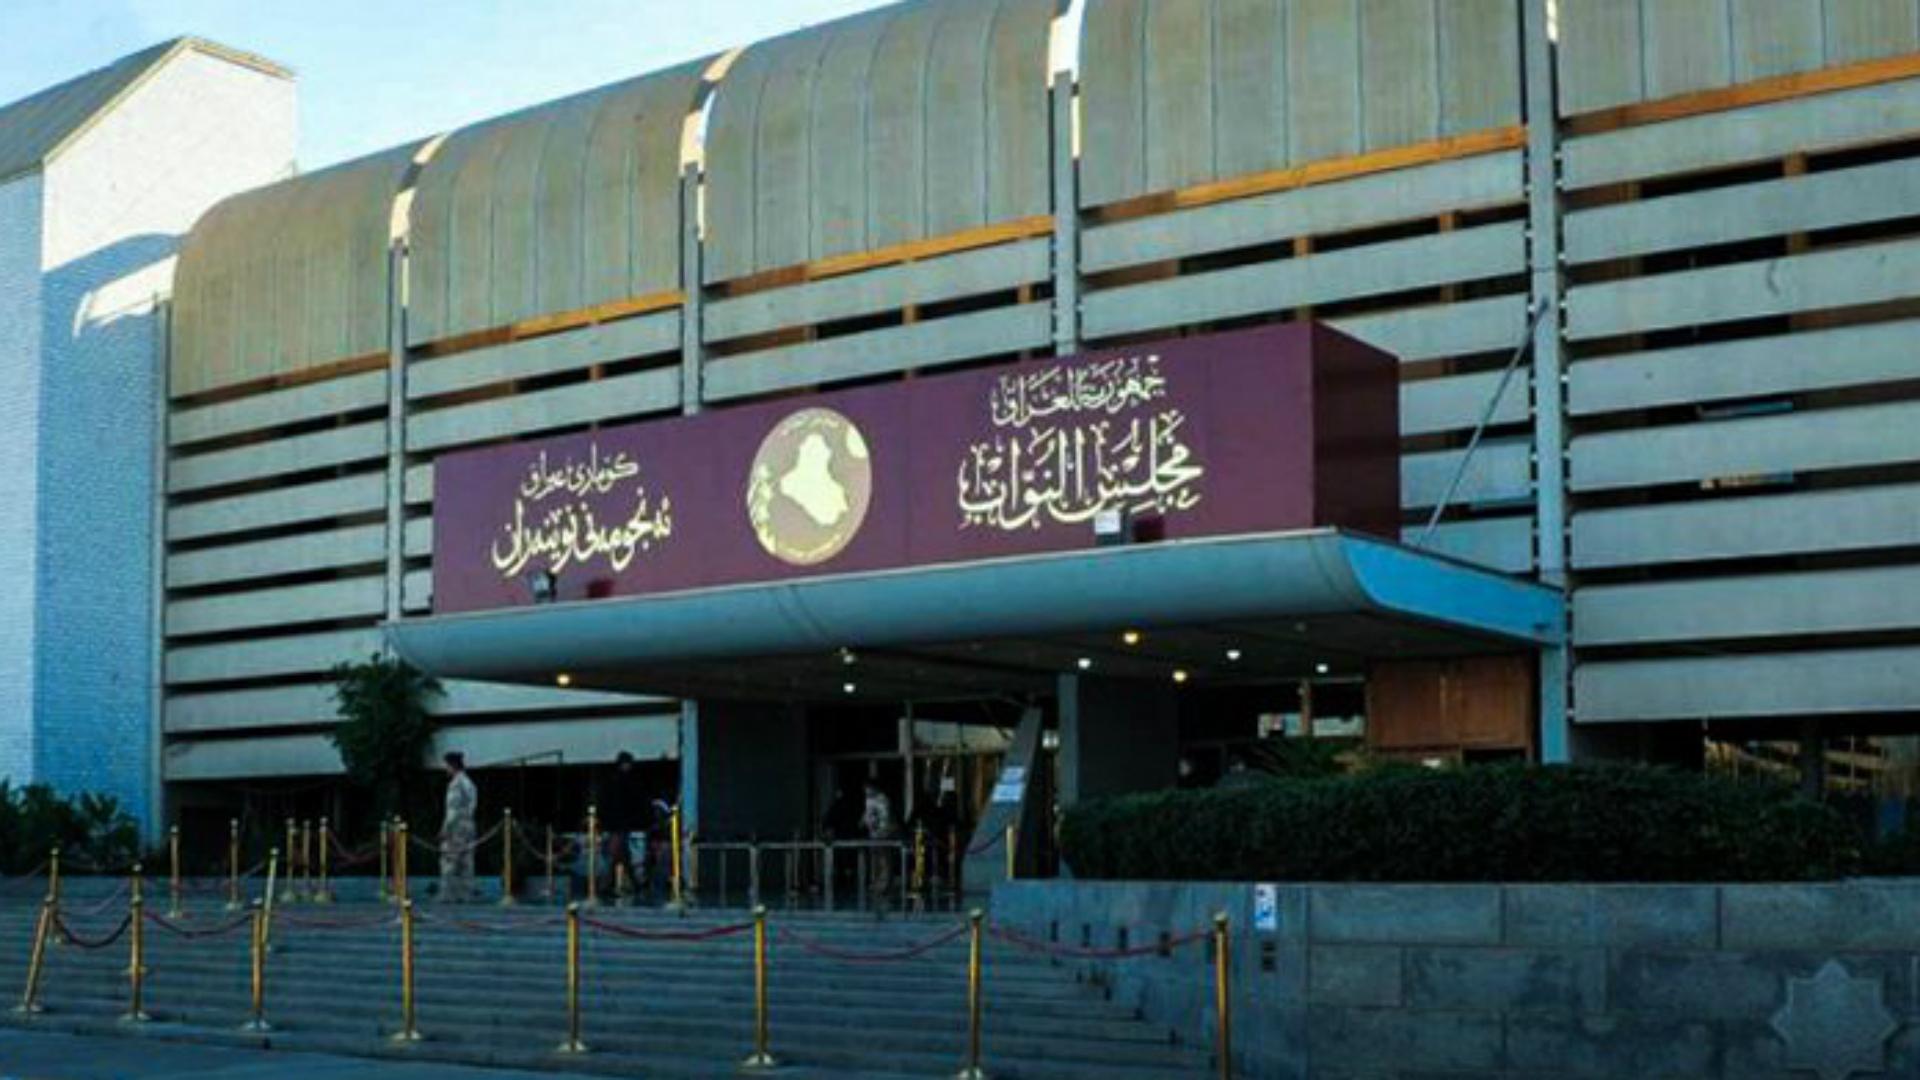 لجنة الأمن والدفاع تستدعي قادة أمنيين لجلسة استثنائية يوم الأحد